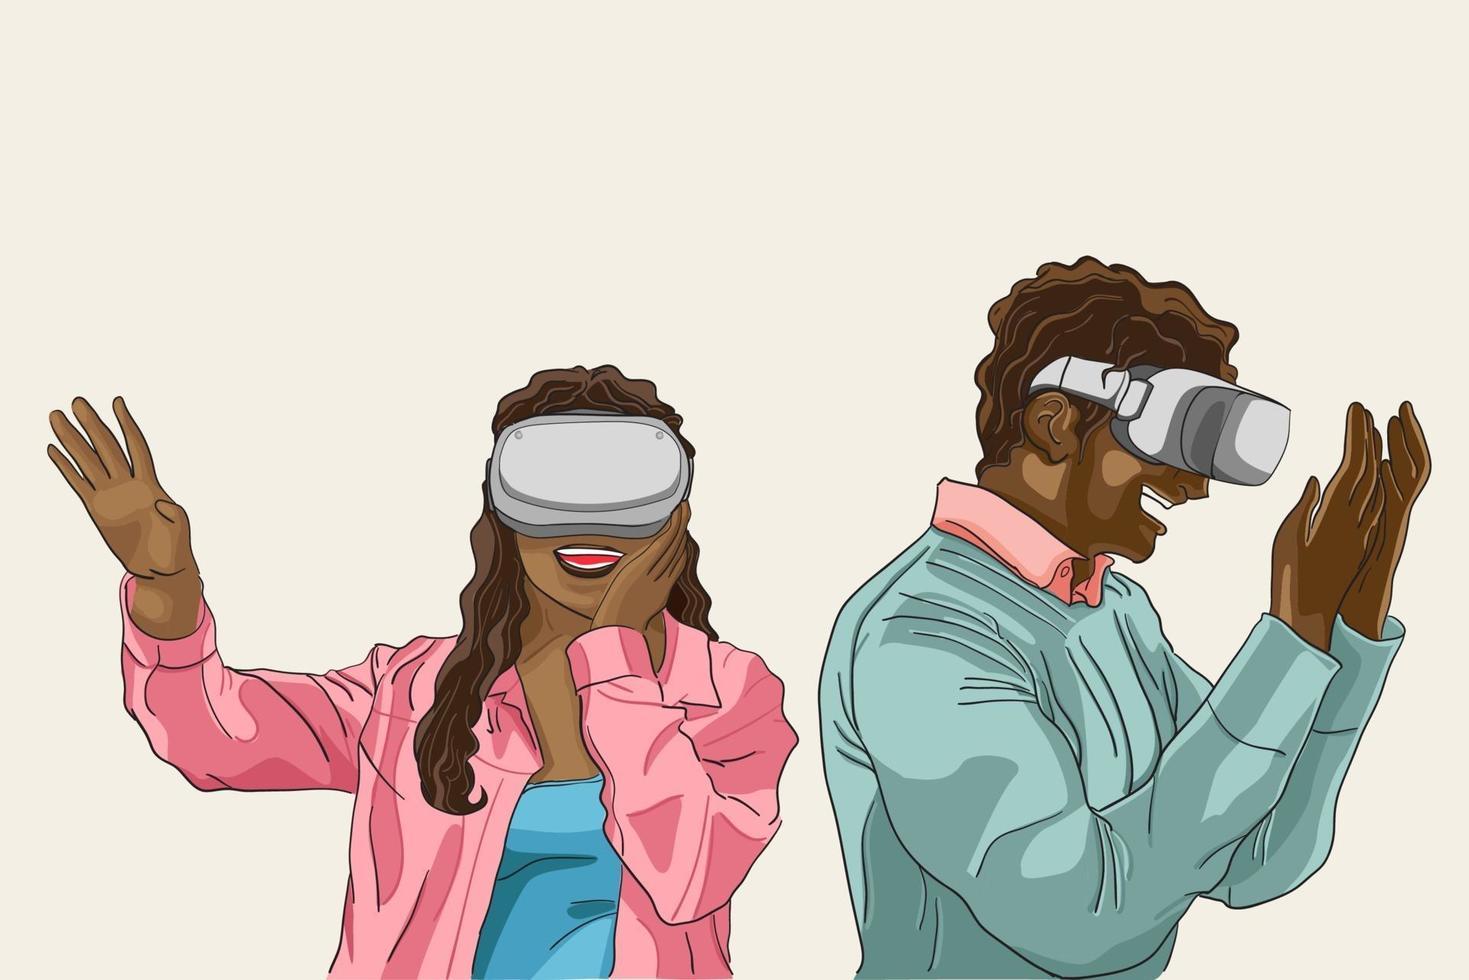 persone eccitanti come utilizzare il dispositivo vr di realtà virtuale, un paio di persone di colore in stile capelli ricci afro piacevole con dispositivo vr, contenuto per collaboratore, illustrazione vettoriale piatta.